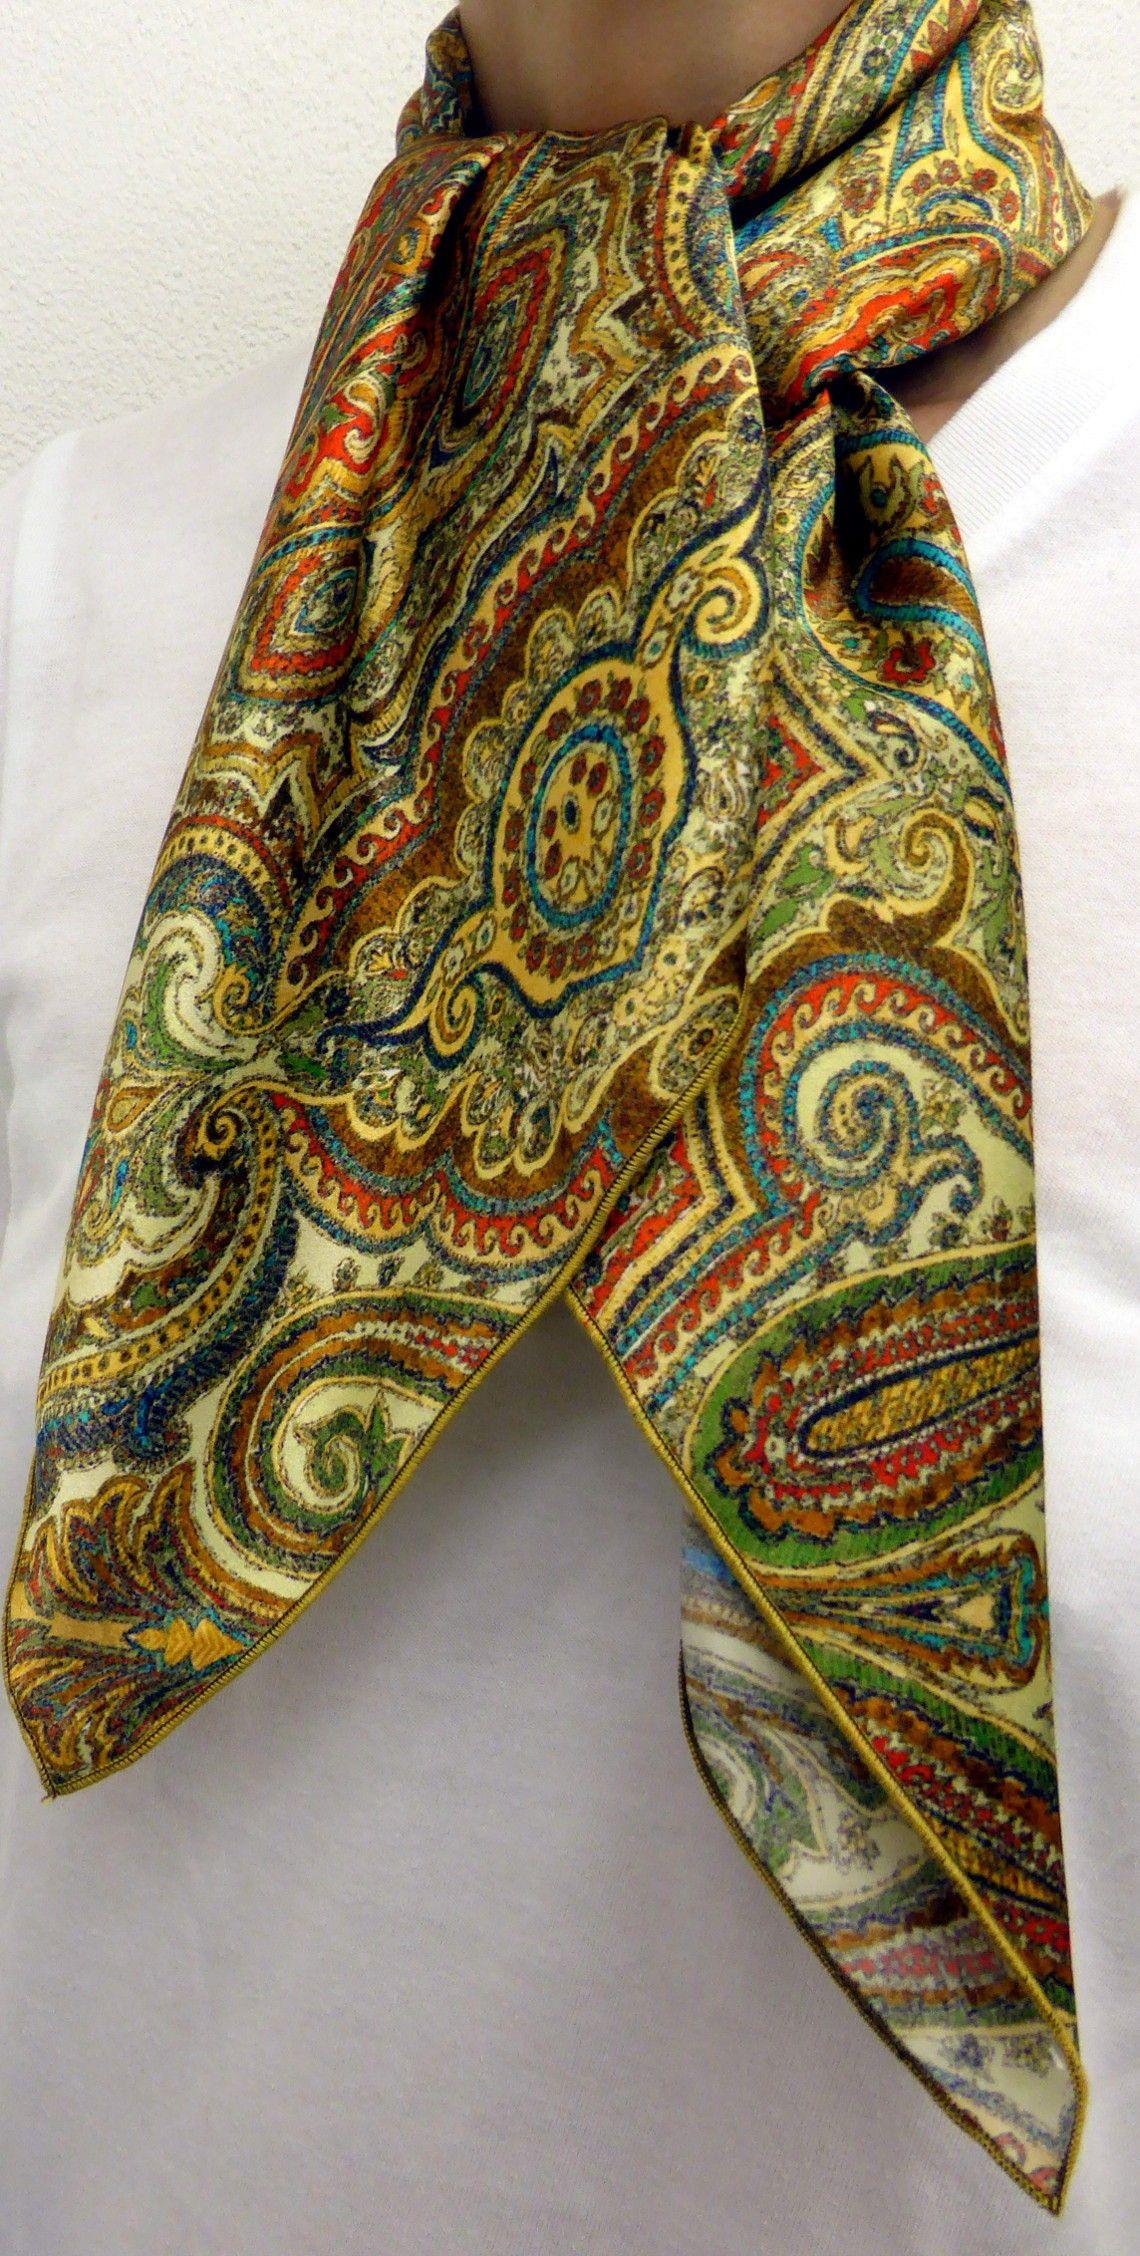 Notre foulard carré en soie cachemire jaune Idée cadeau Noel idéal,  livraison gratuite aecf792f0e6